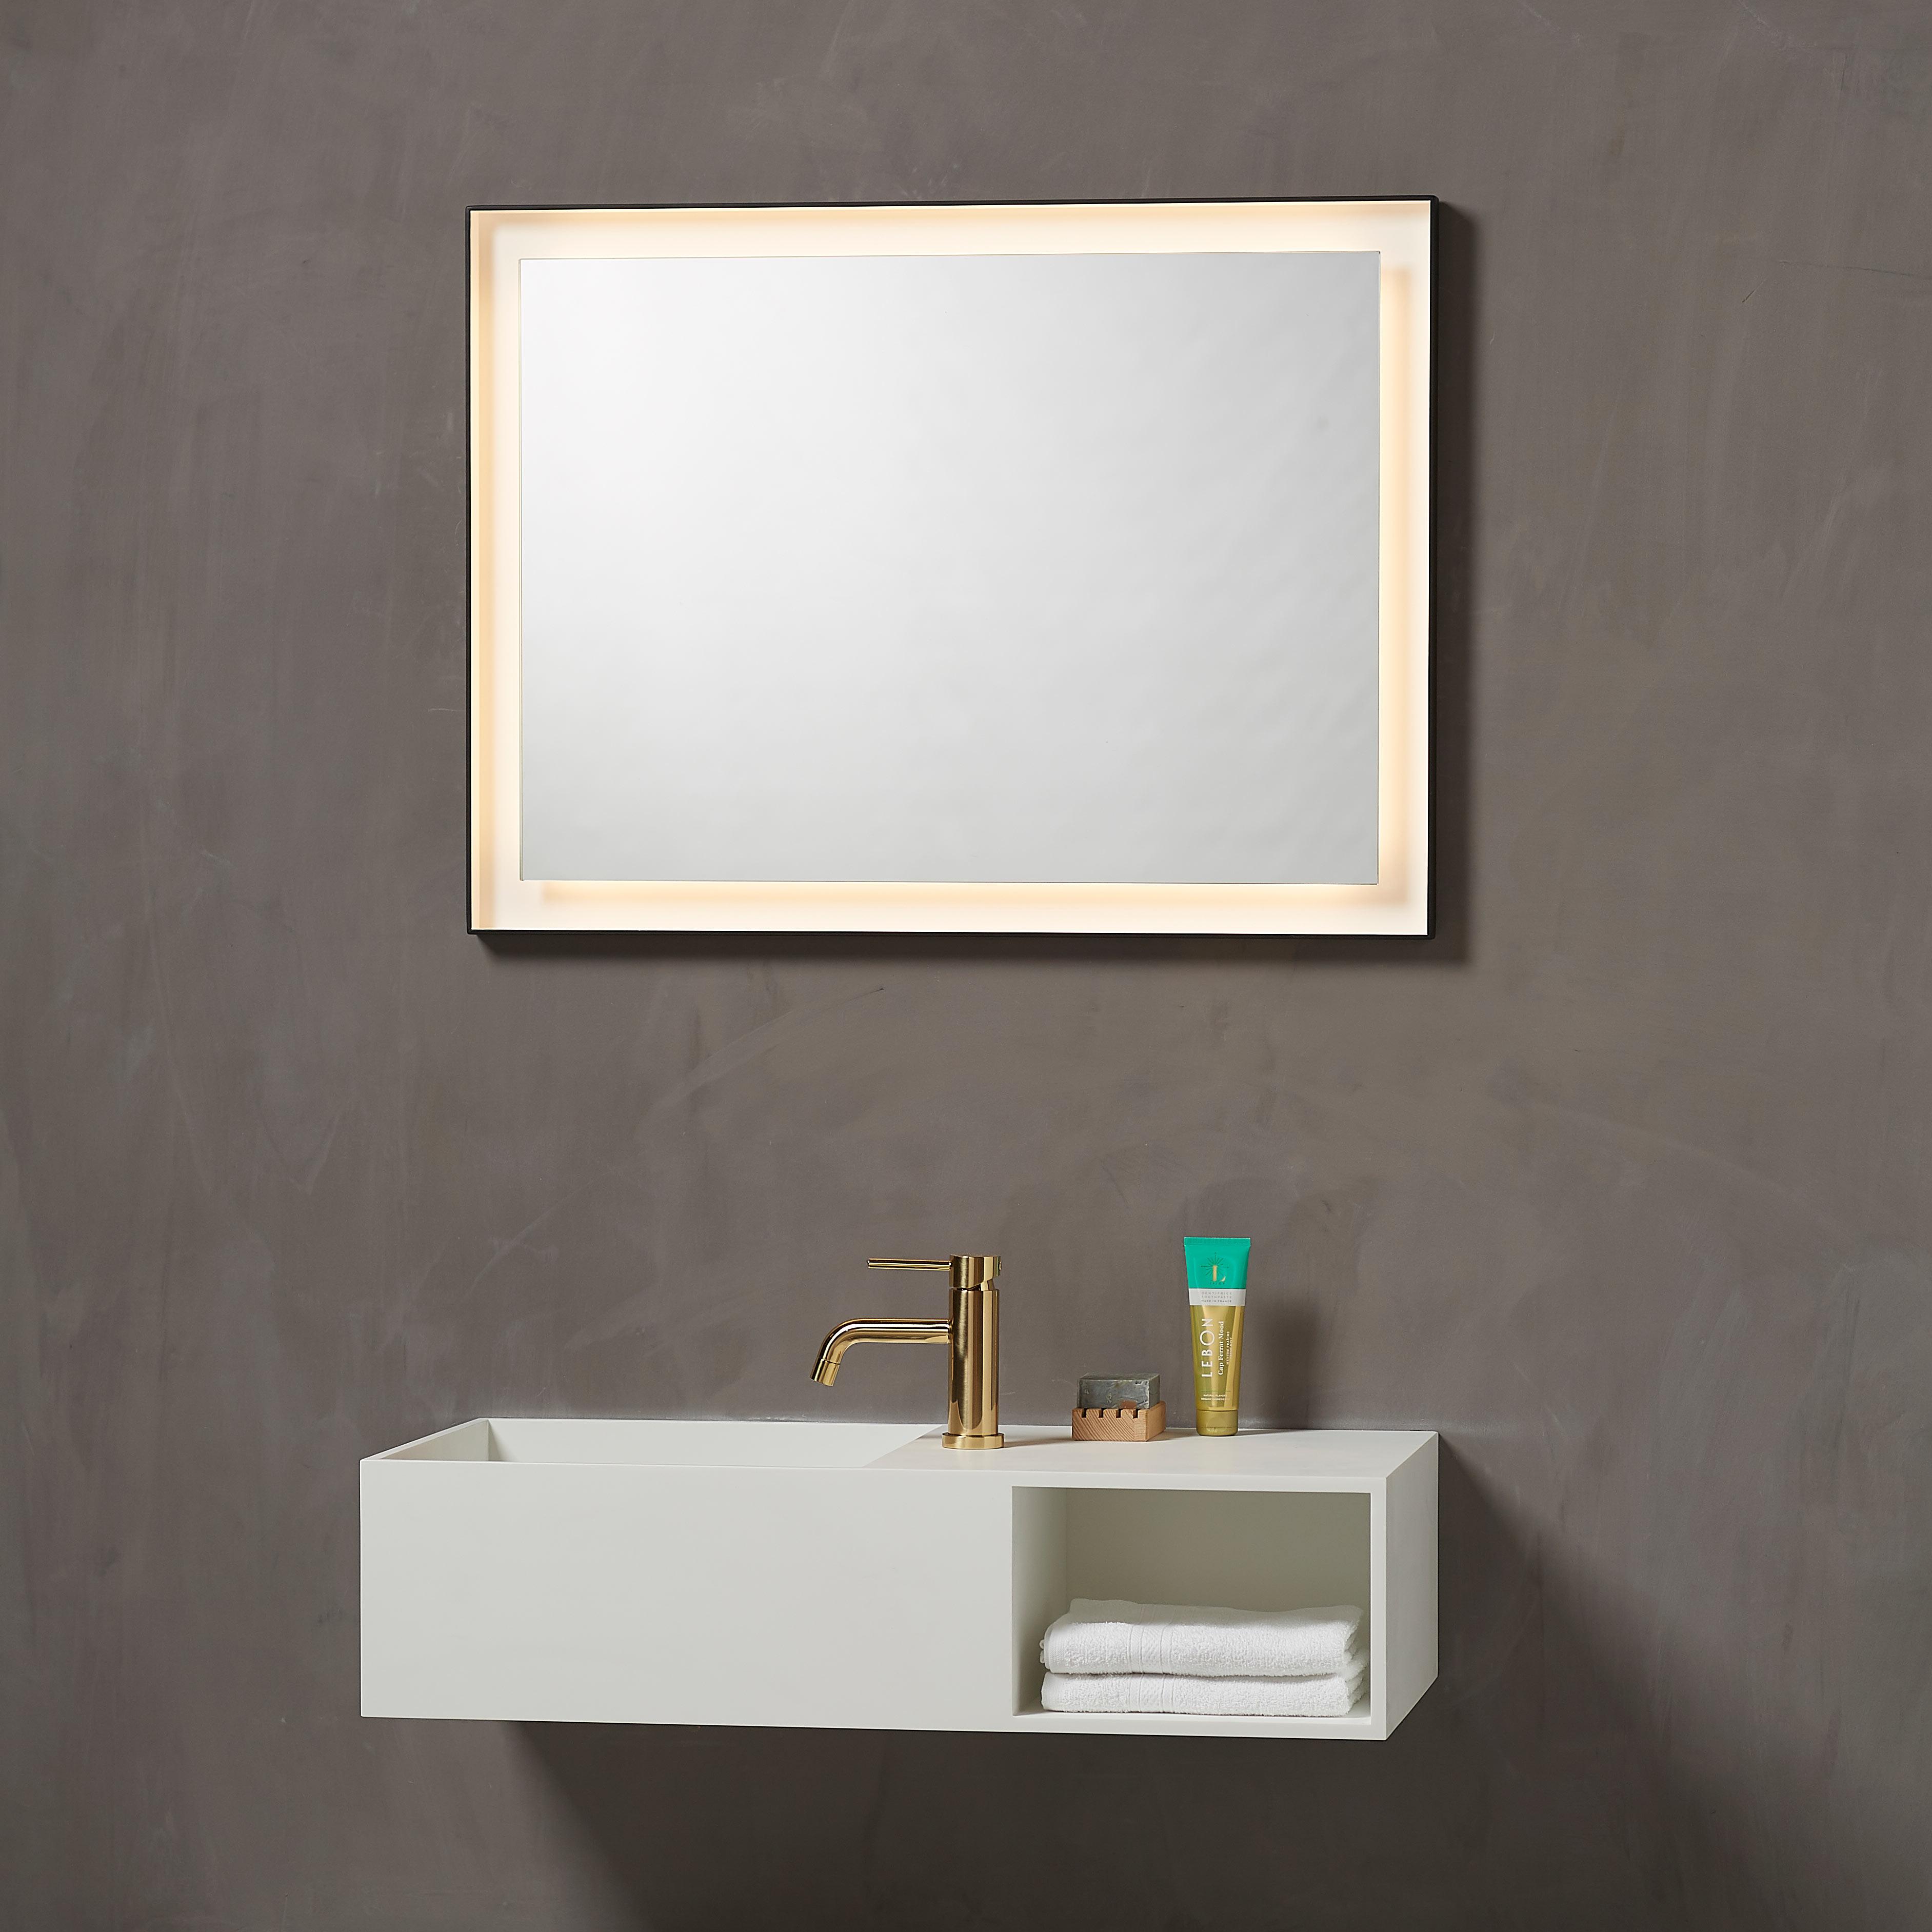 Pisa spejl med lyset tændt fra Loevschall